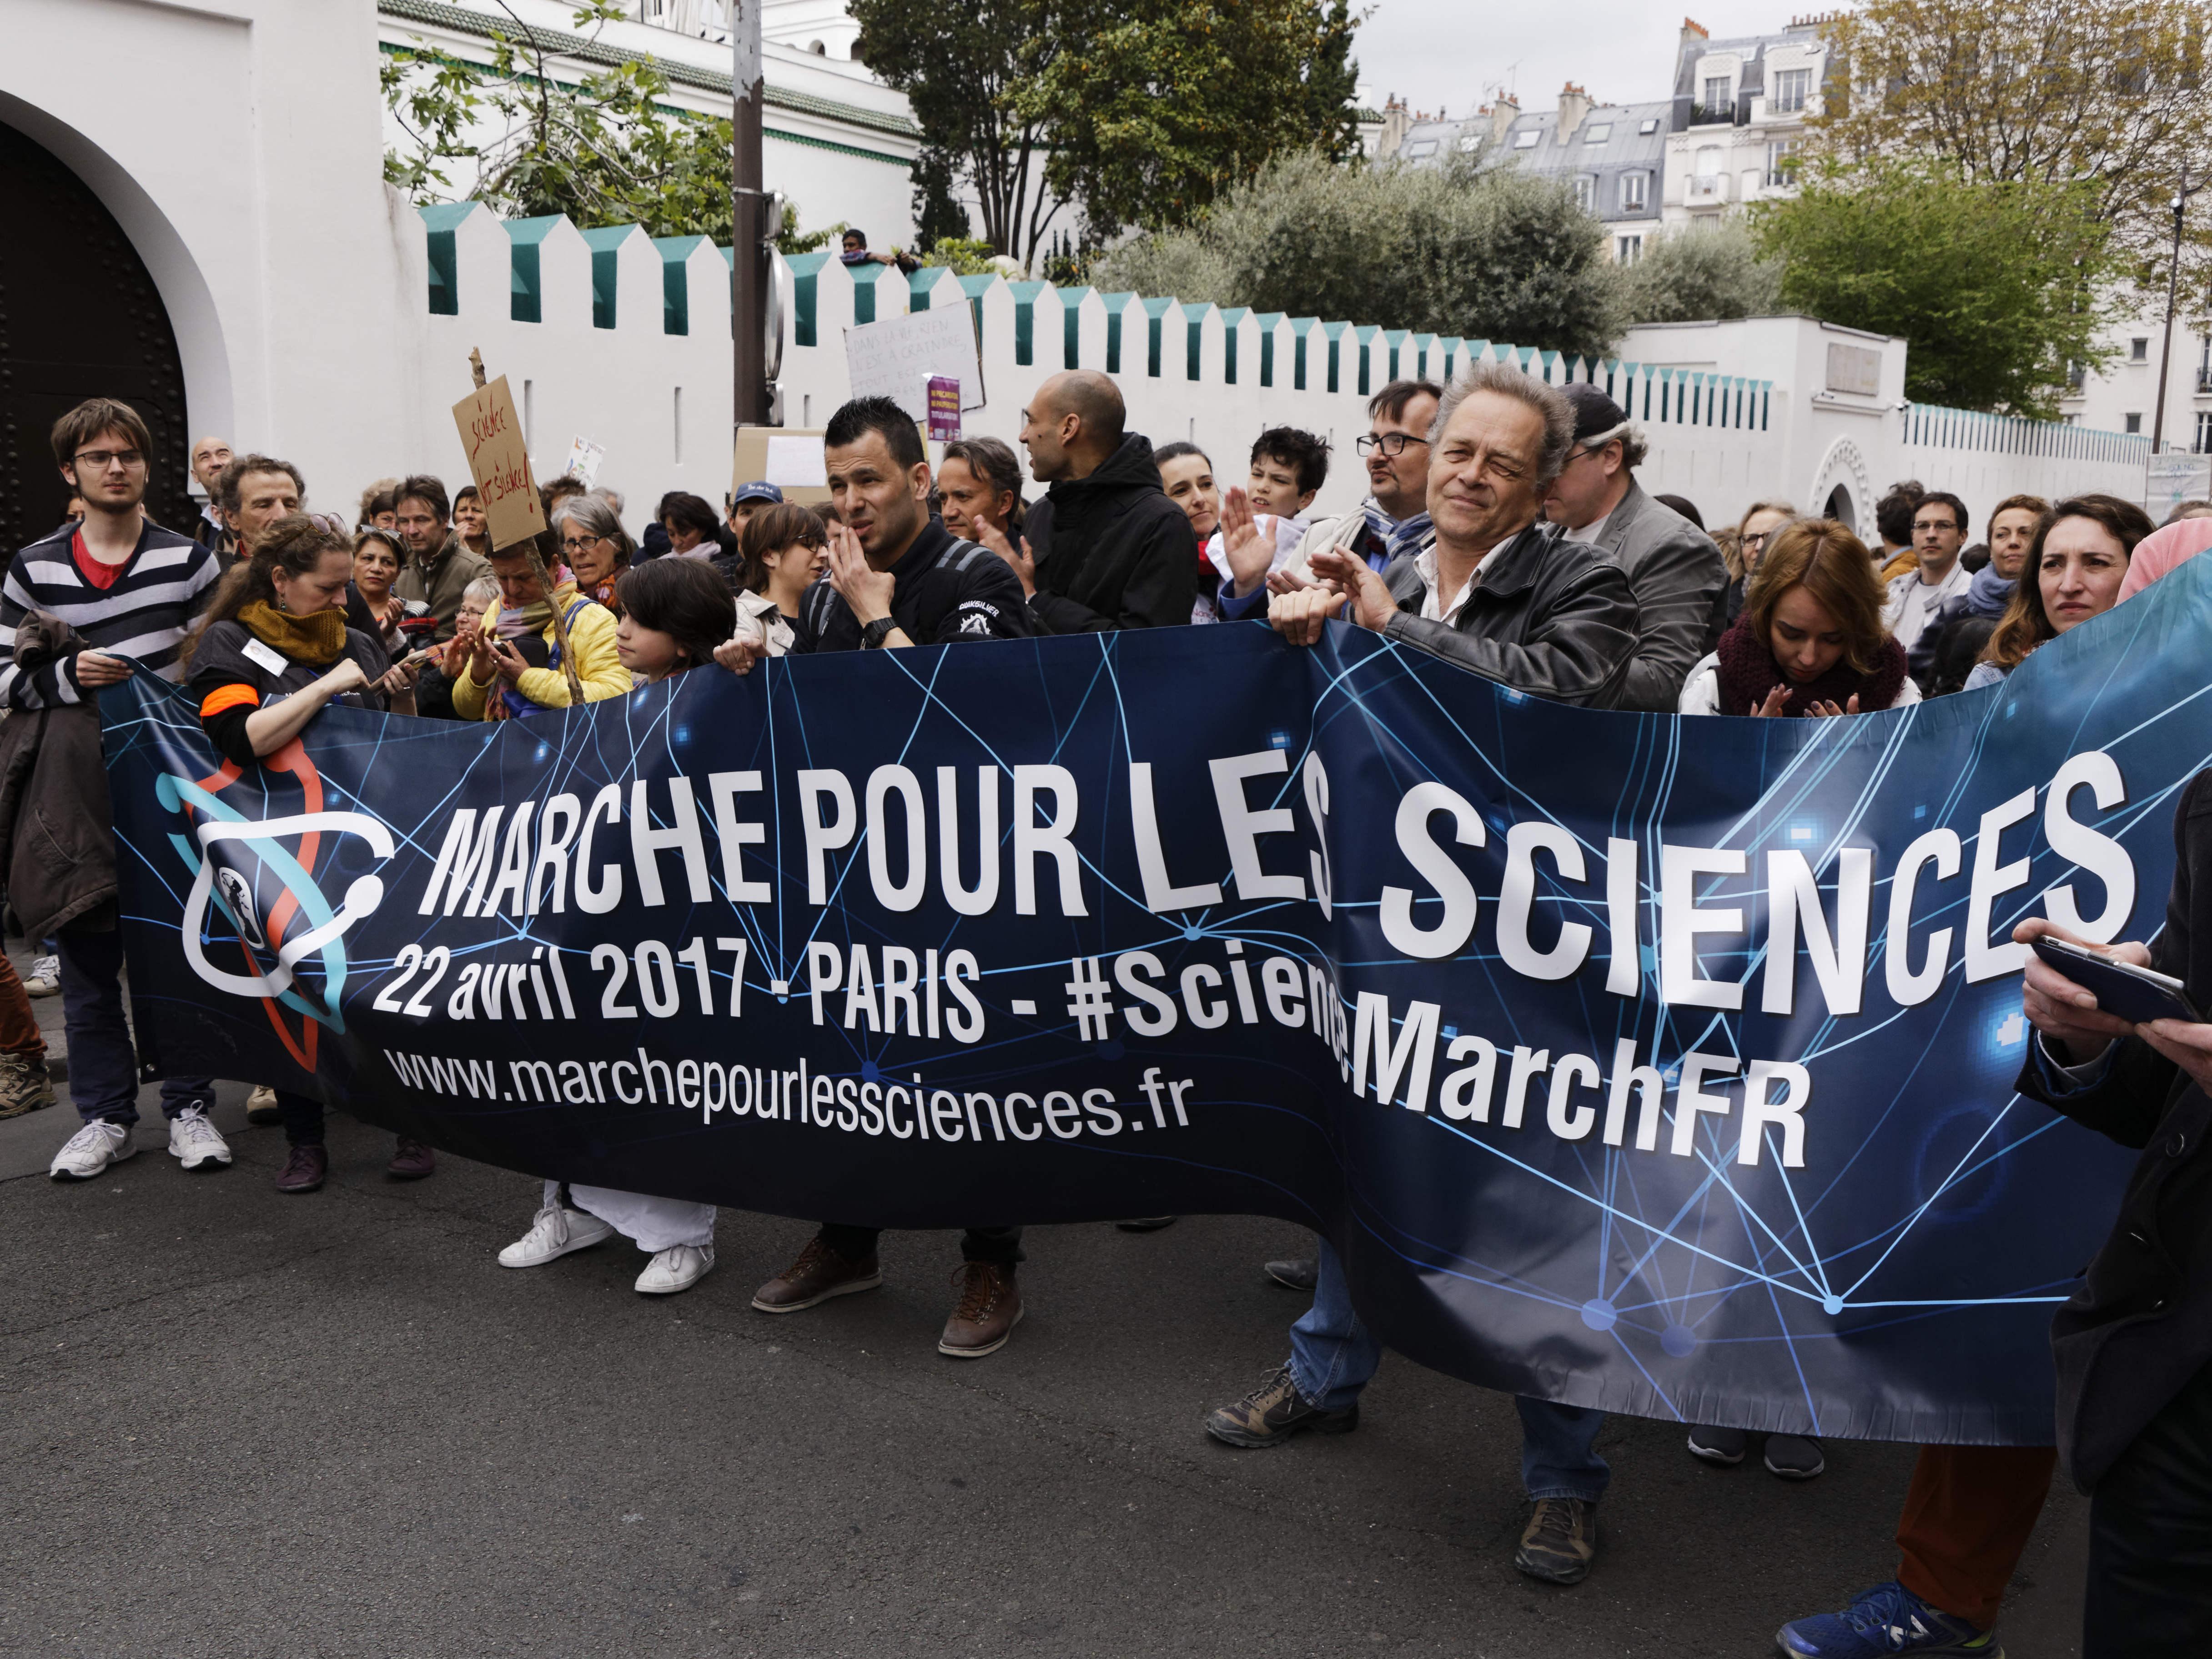 Marche pour les sciences et contre le septicisme face aux changements climatiques